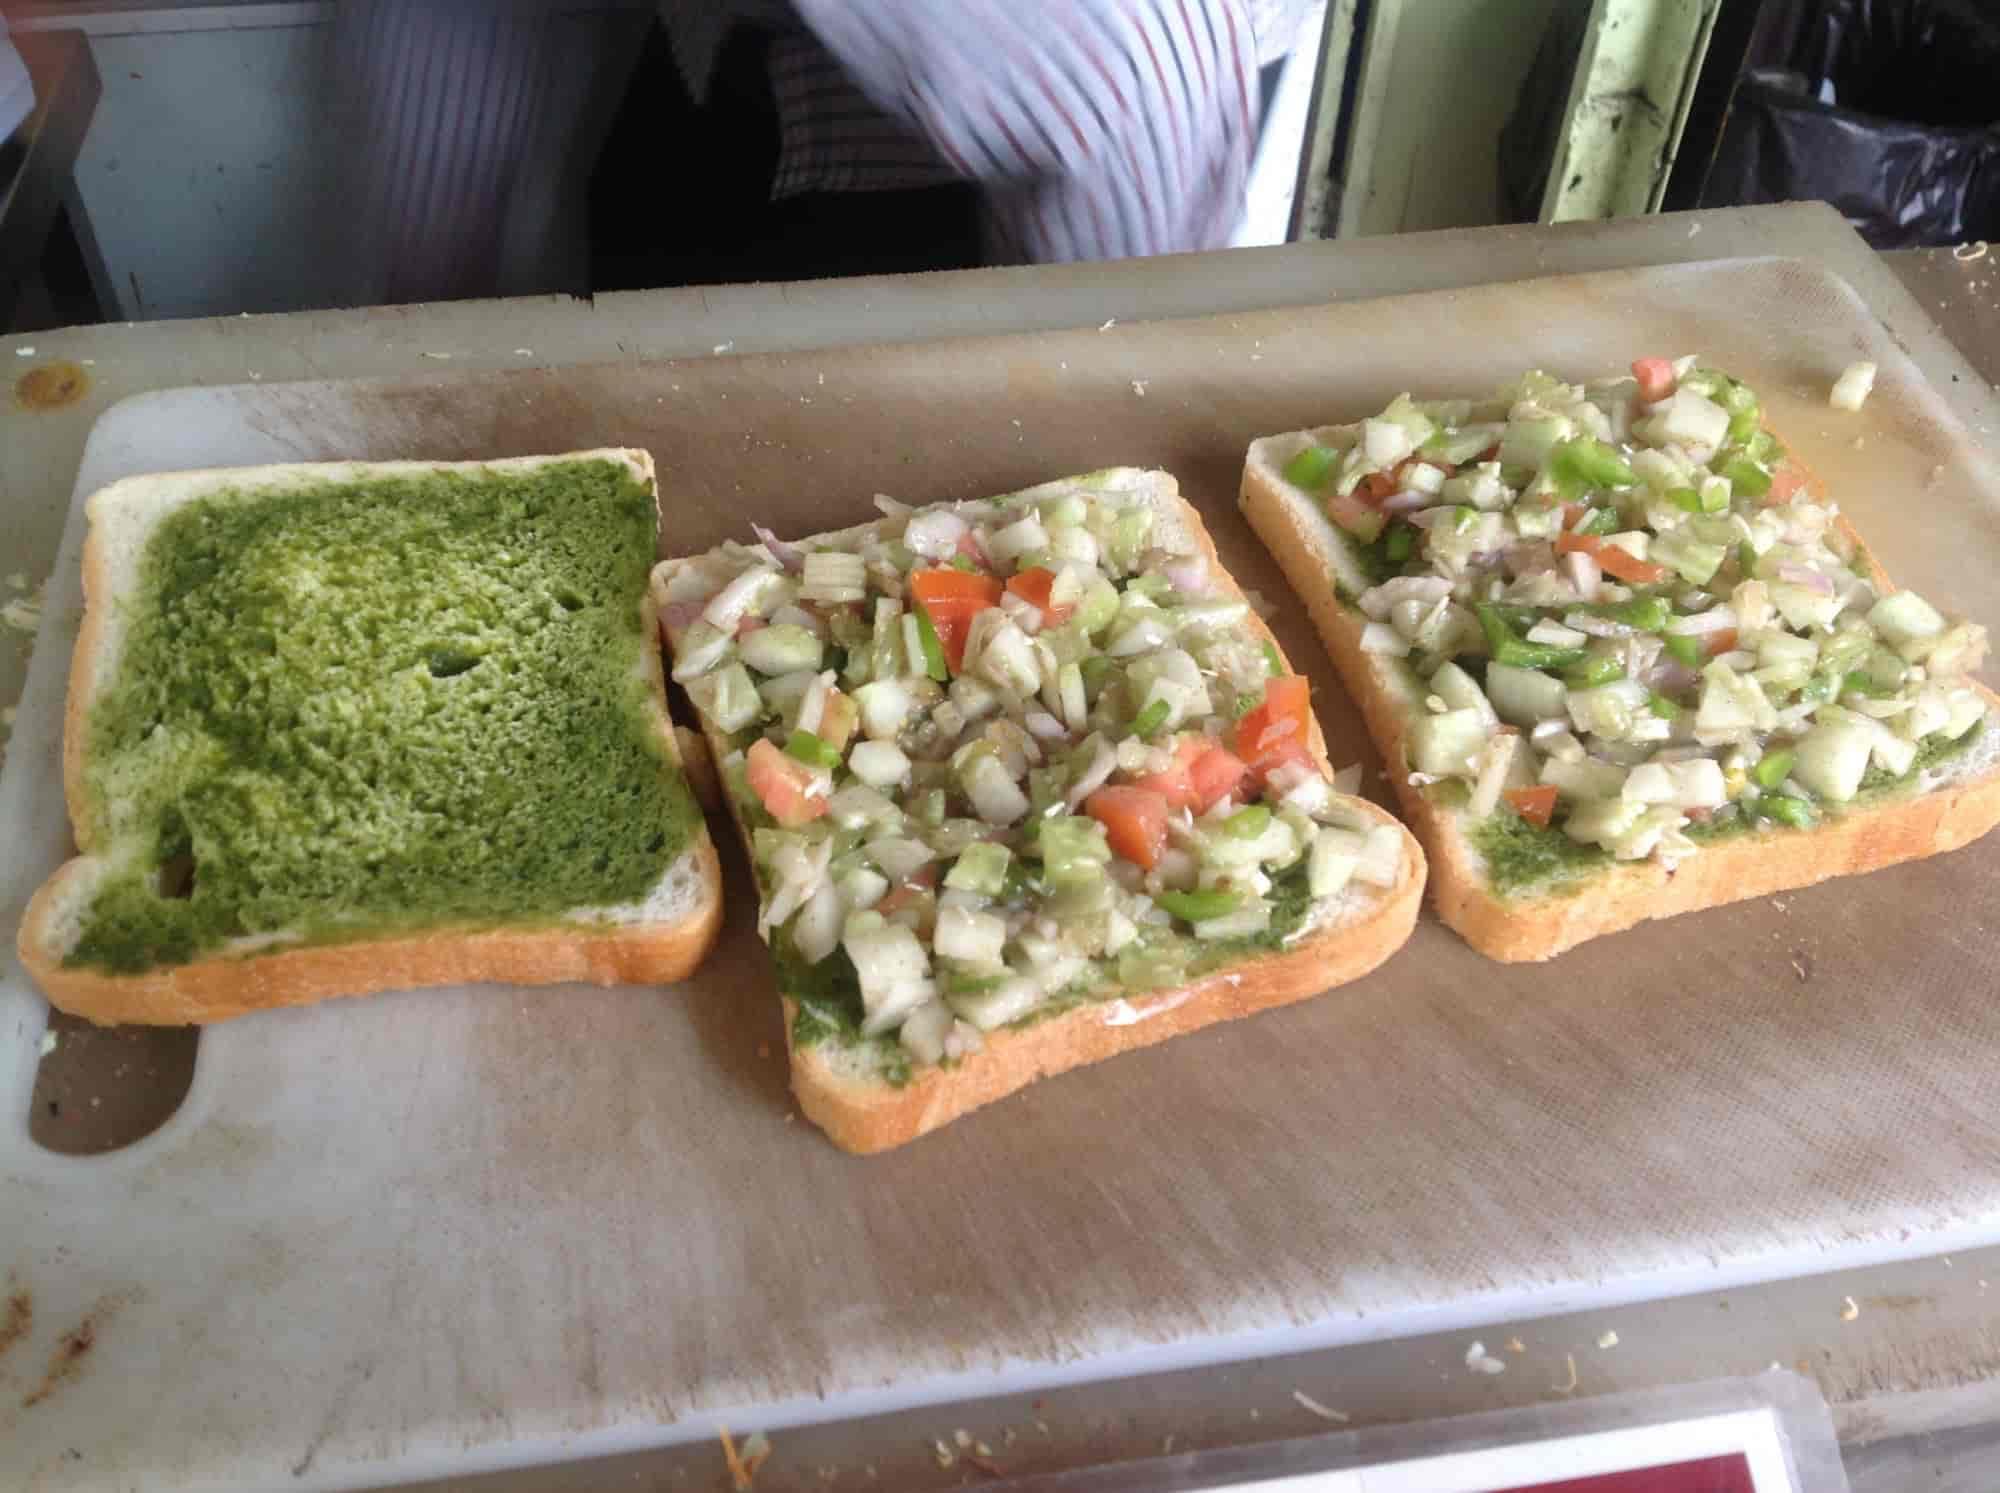 Moreshwar Sandwiches (Closed Down), Shivaji Nagar, Pune